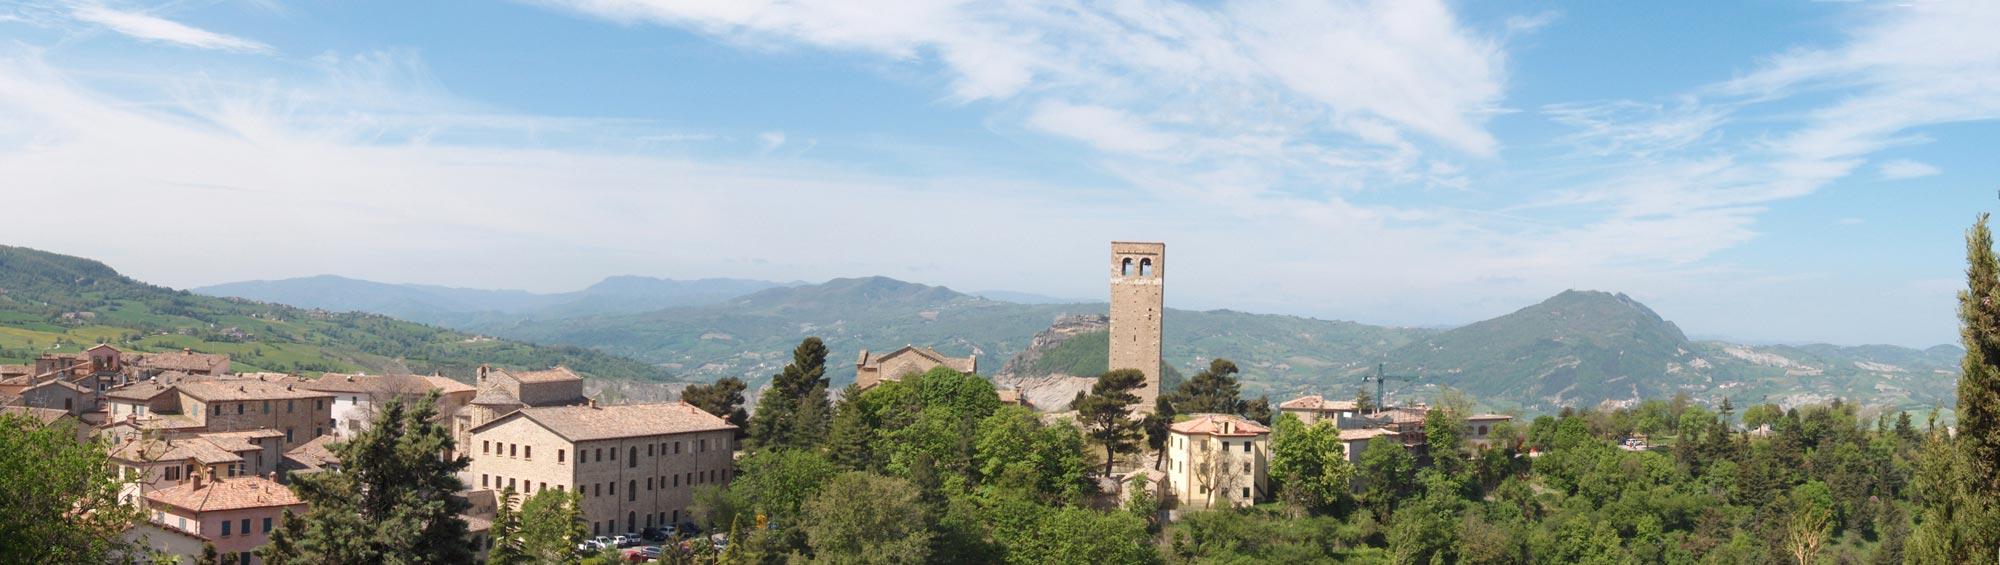 San-Leo